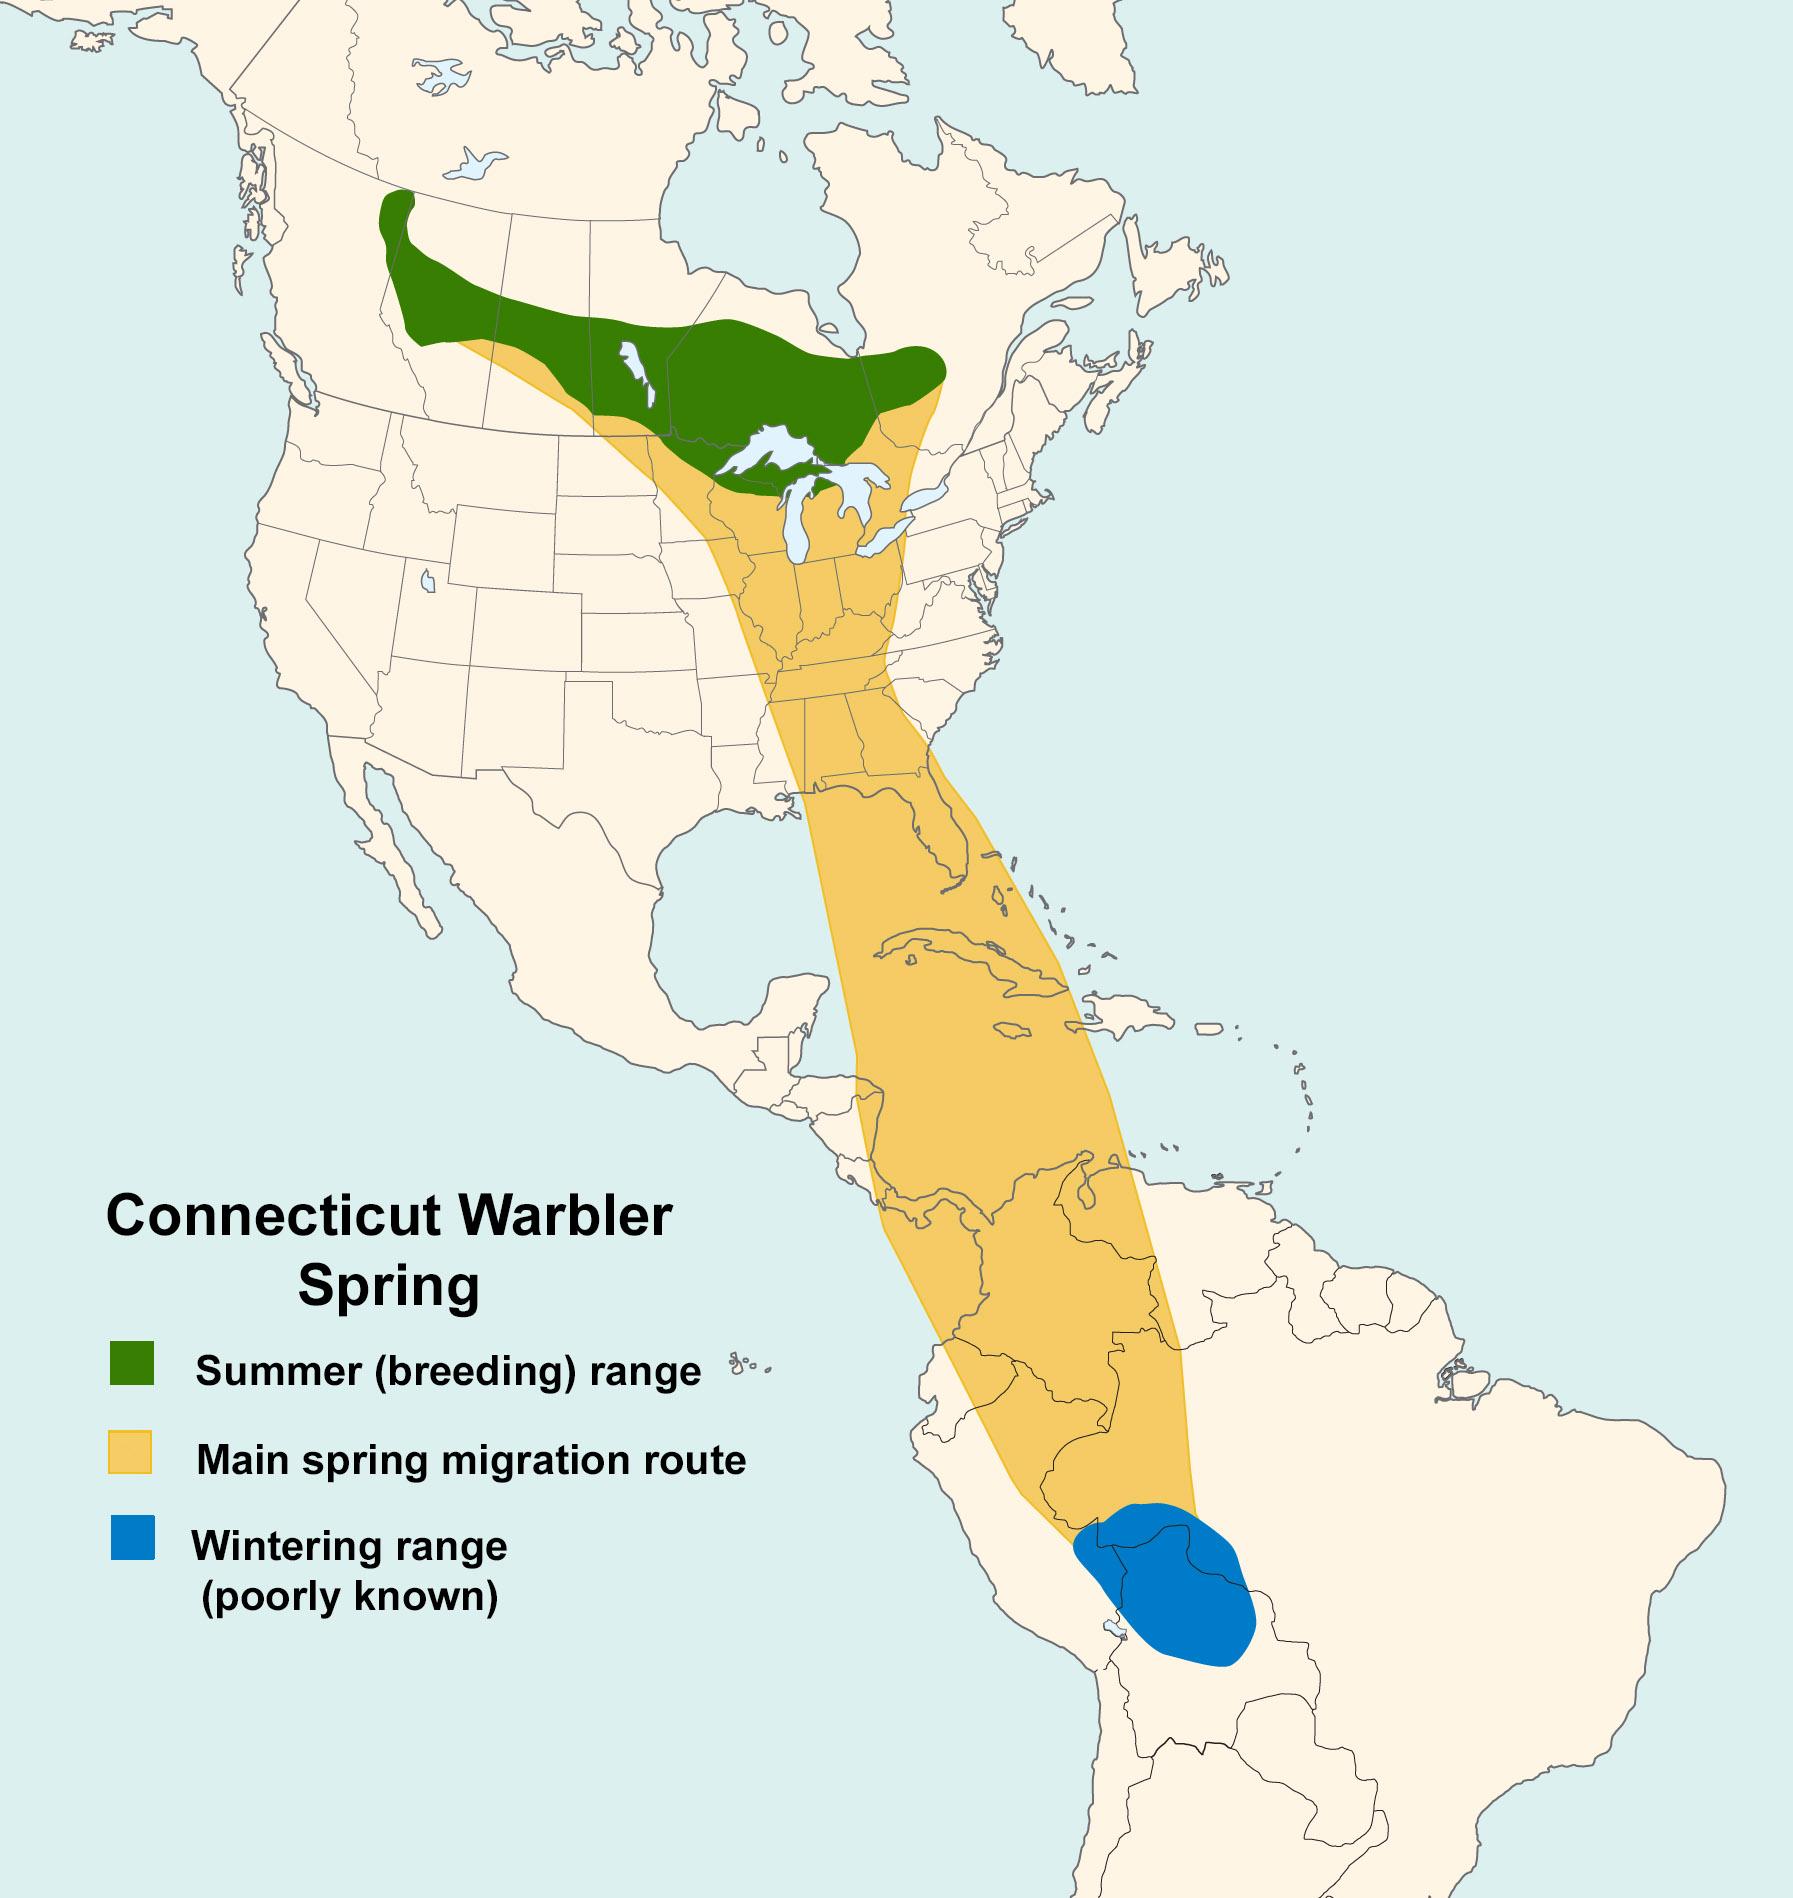 Mapa ilustrado que representa los patrones de migración de la curruca de Connecticut en primavera.